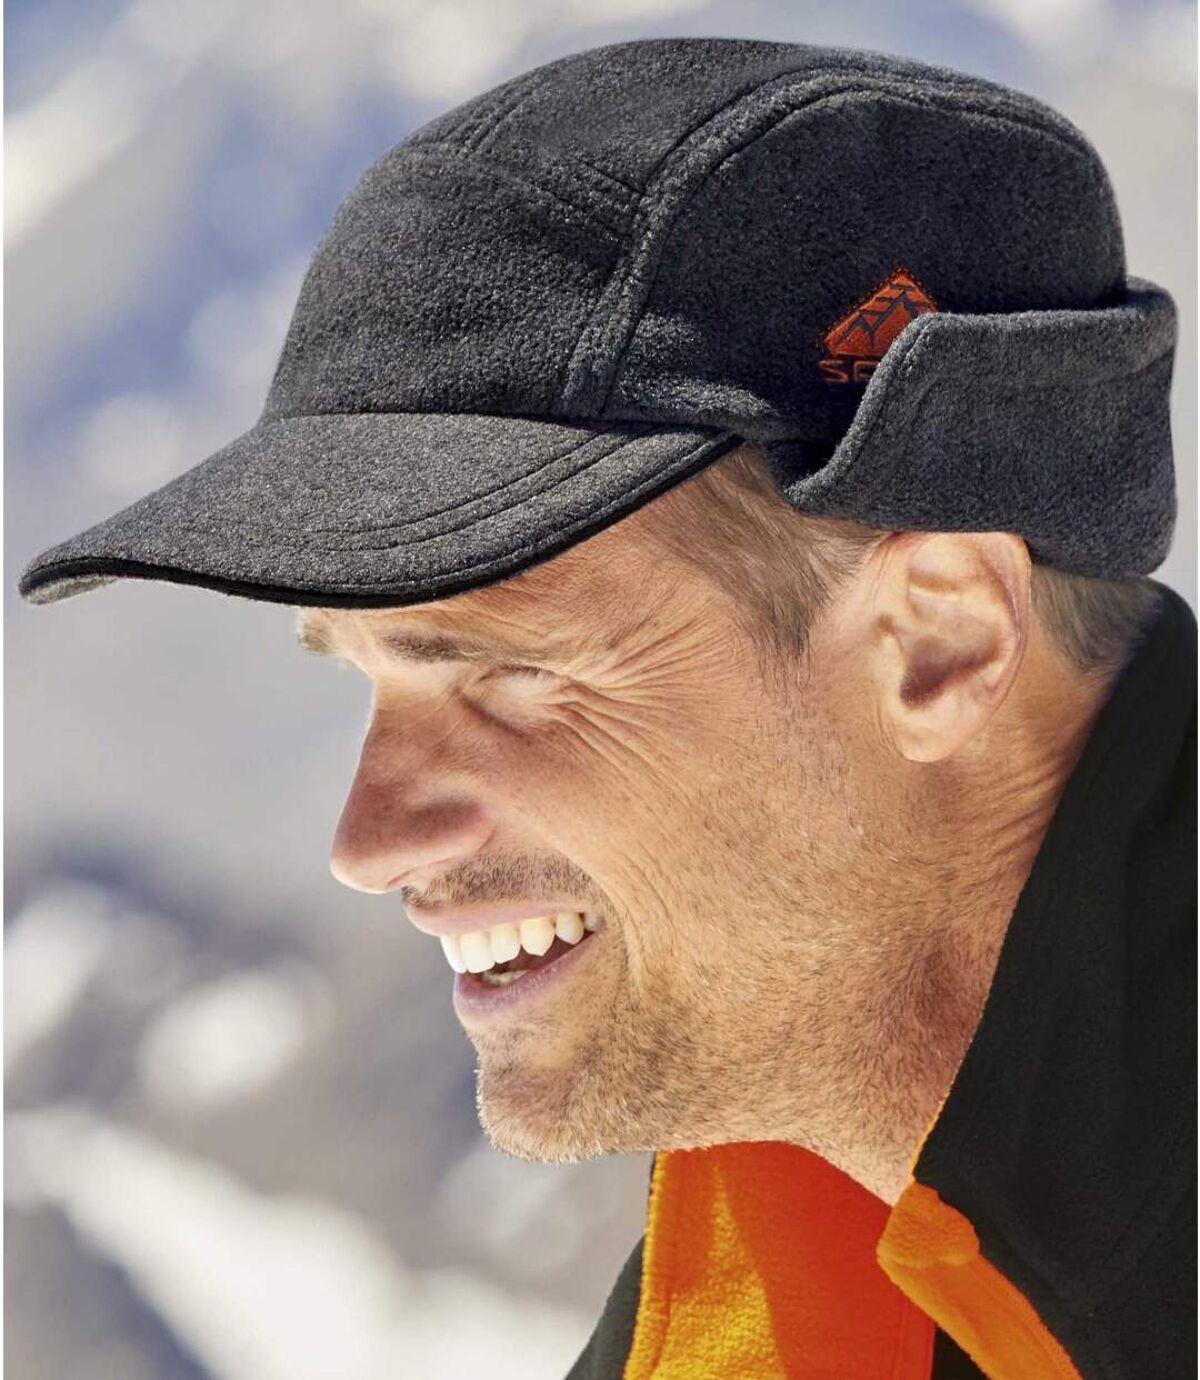 Men's Gray Fleece Cap with Ear Flap - Water-Repellent Atlas For Men